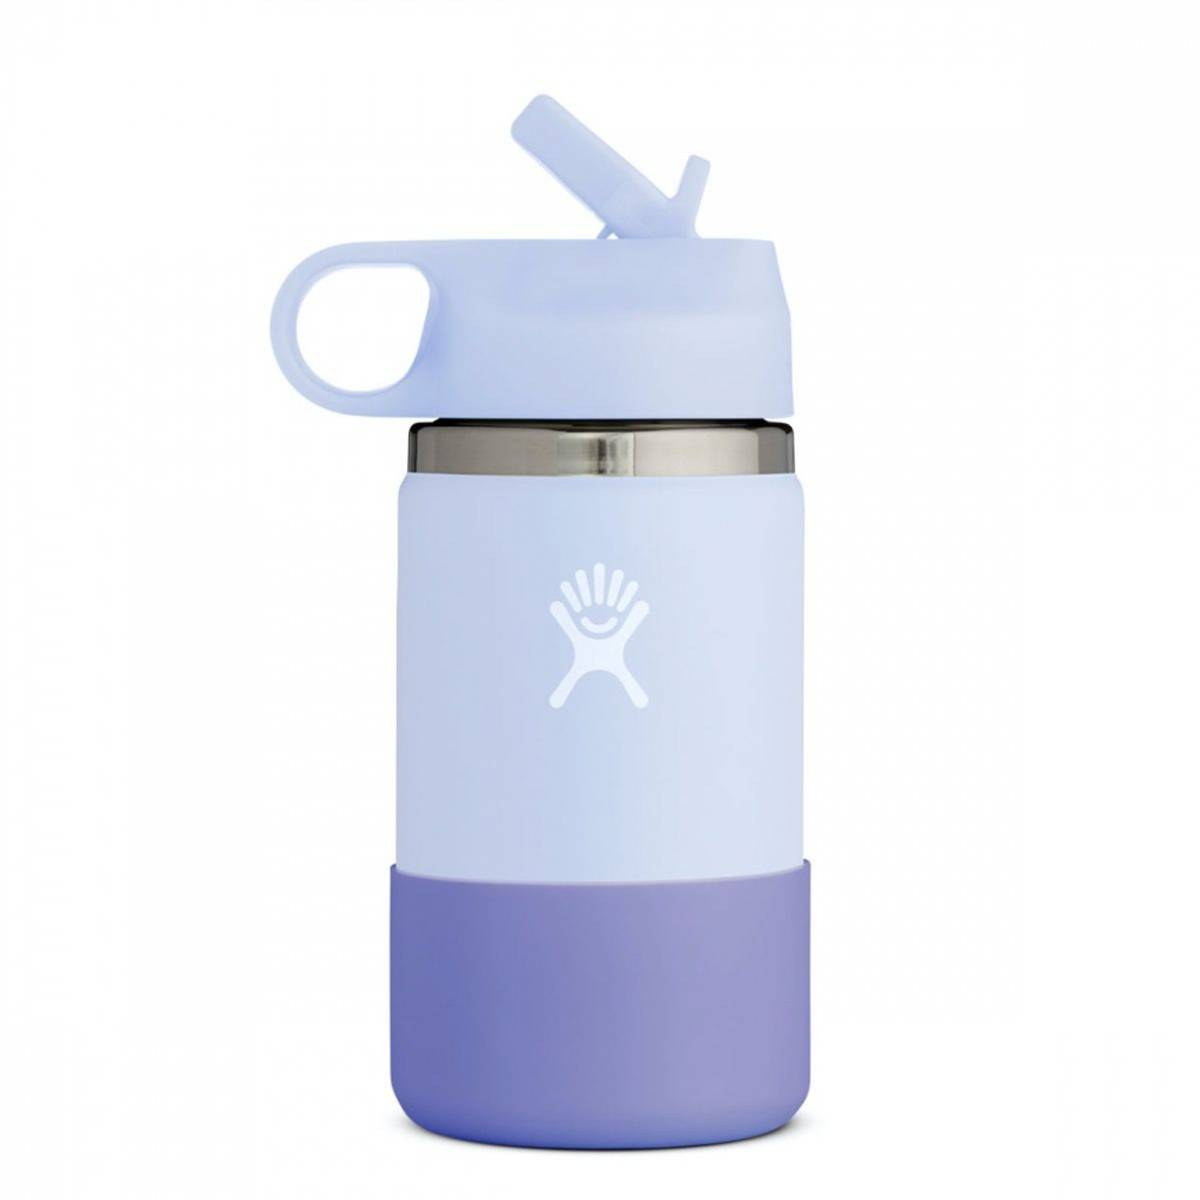 Termoflaske barn, FOG 355ml, Wide Mouth Straw Lid / Hydro Flask